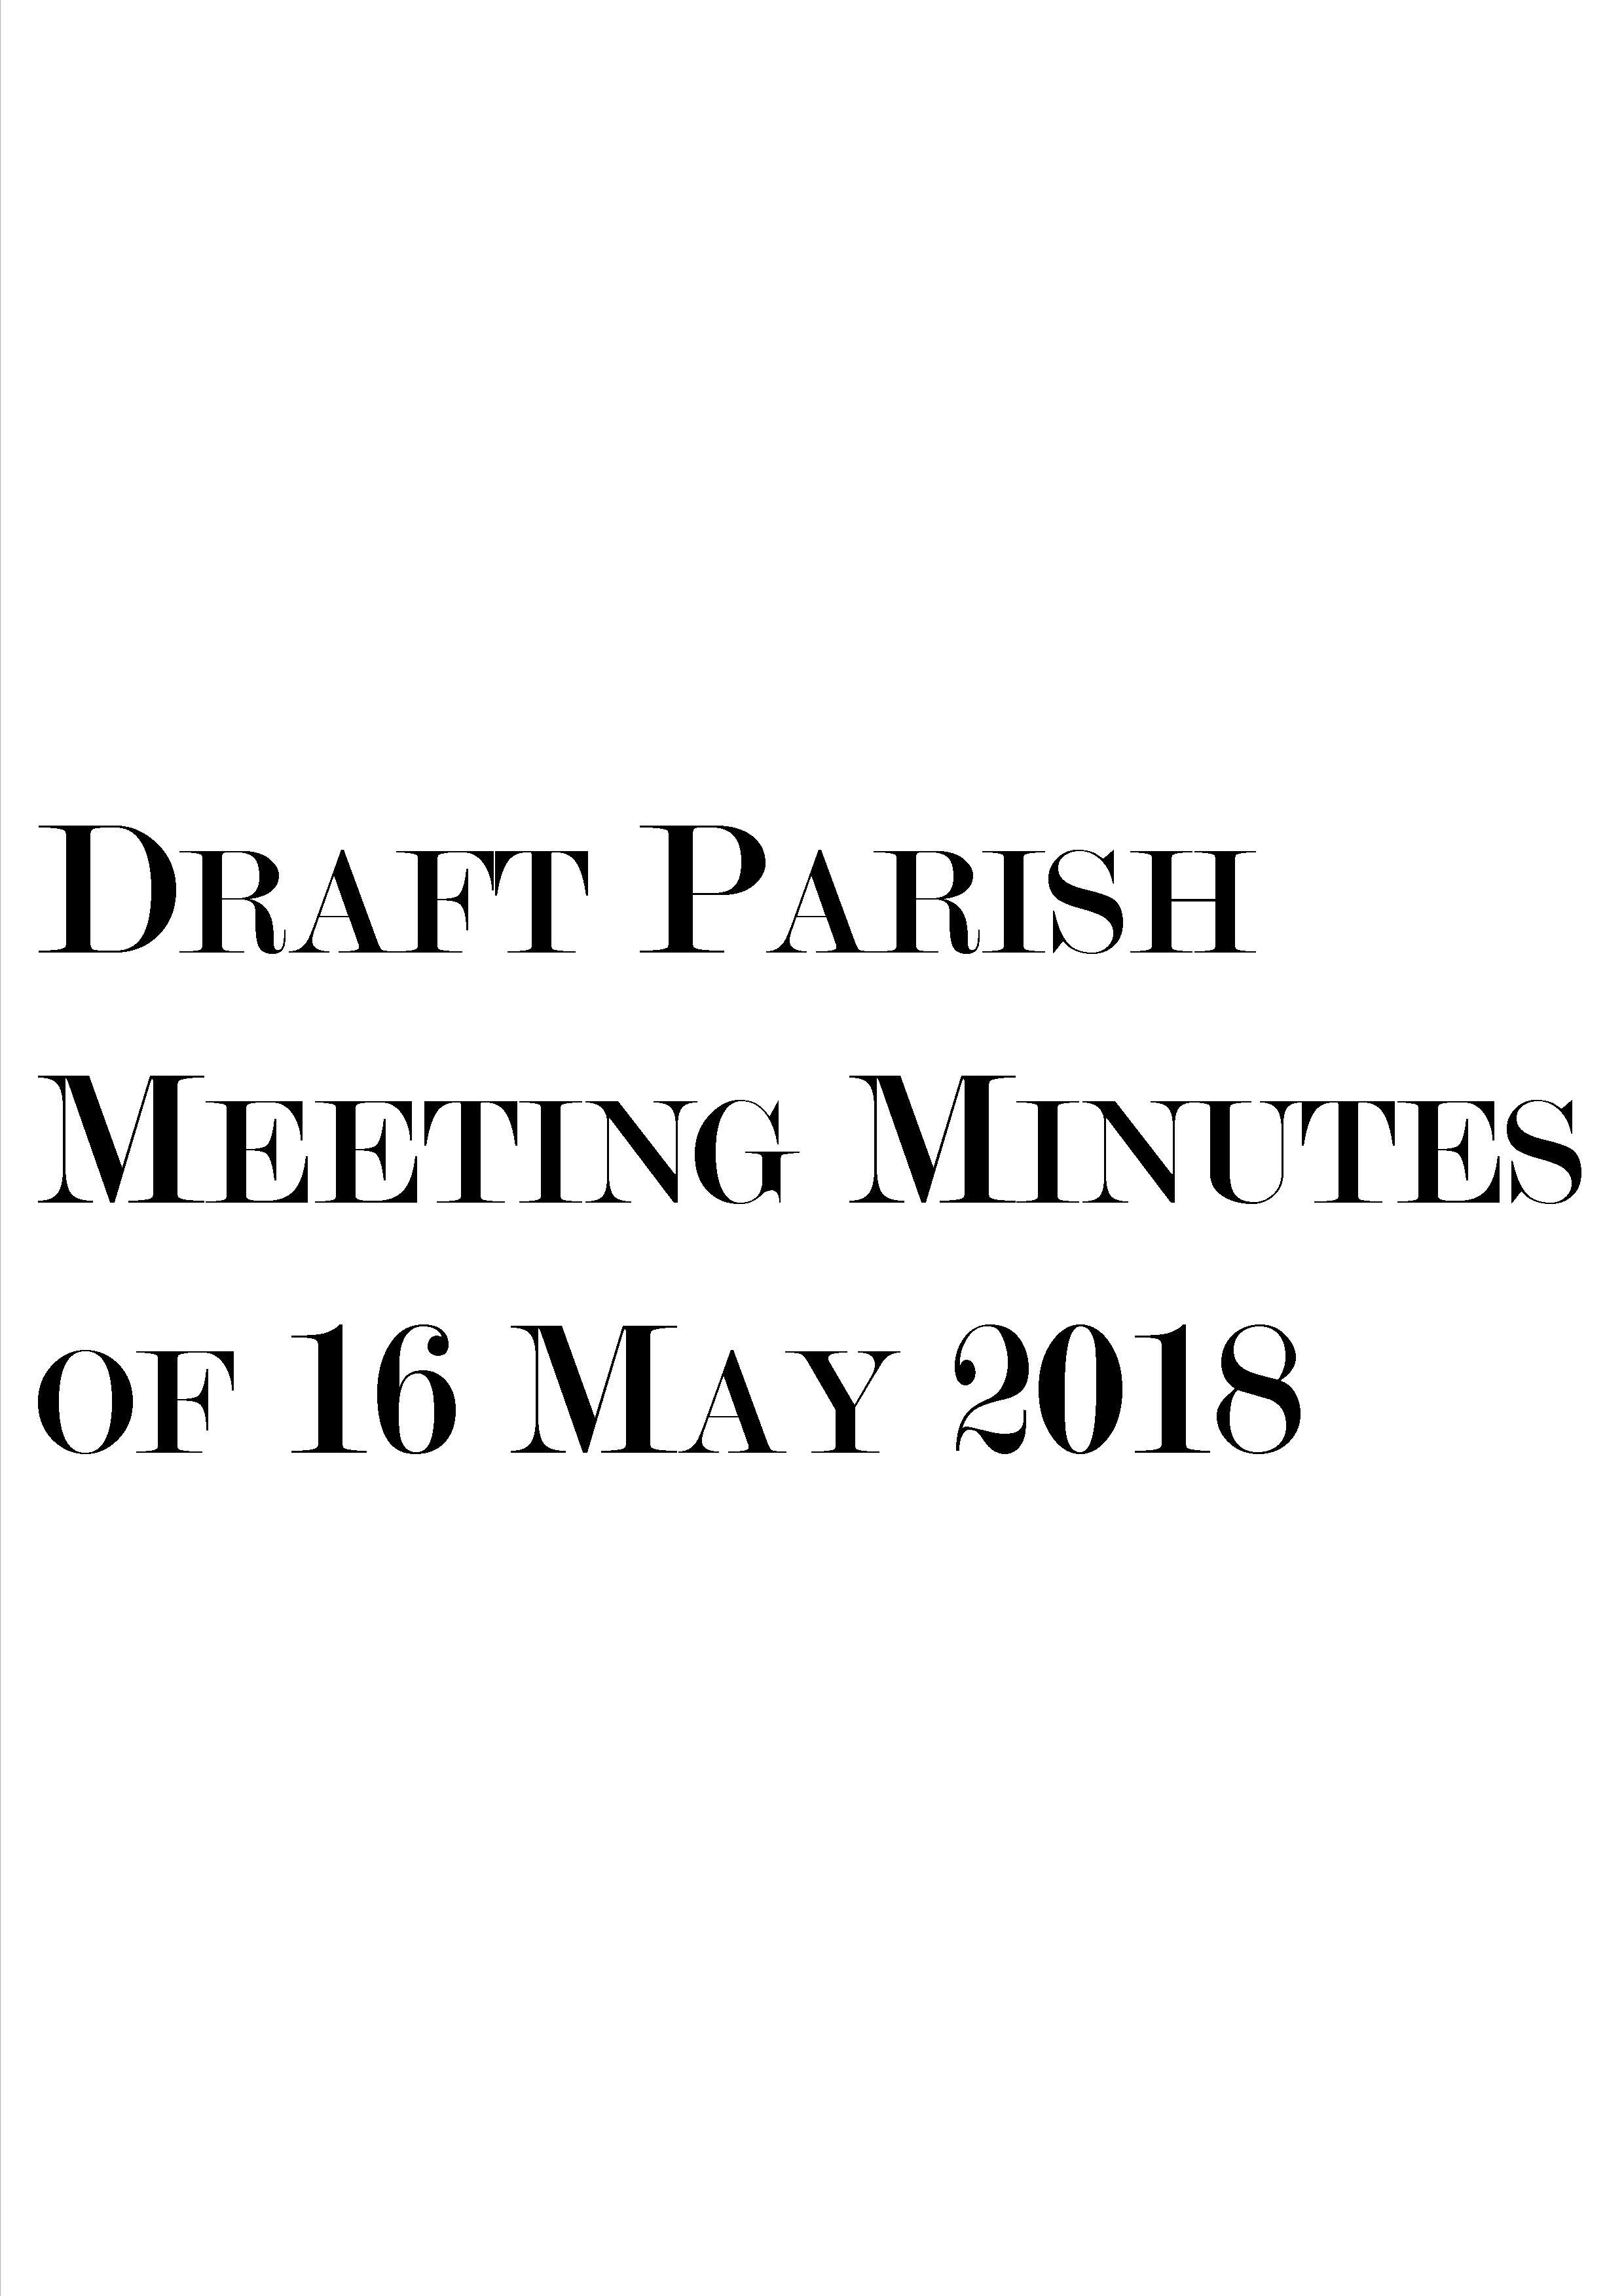 Draft Parish Meeting Minutes of 16 May 2018